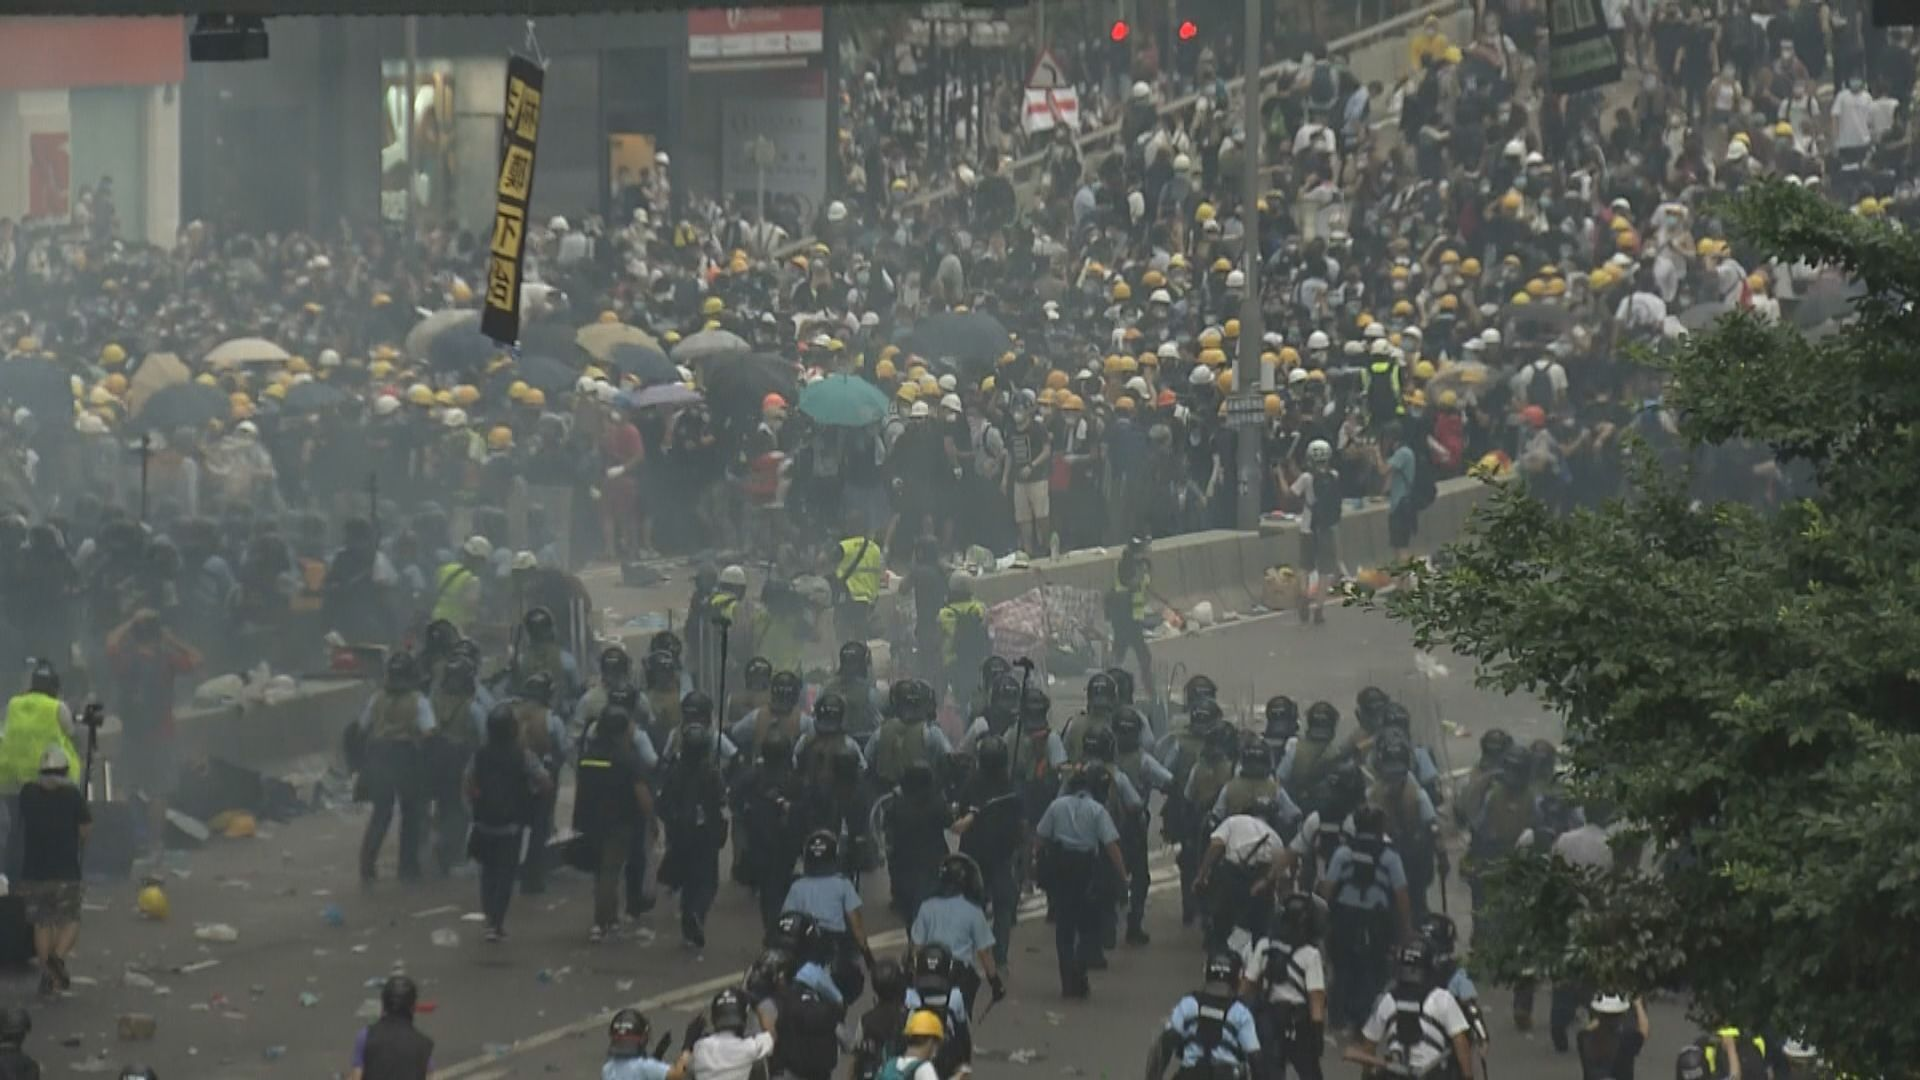 示威者向中環及金鐘內街撤退